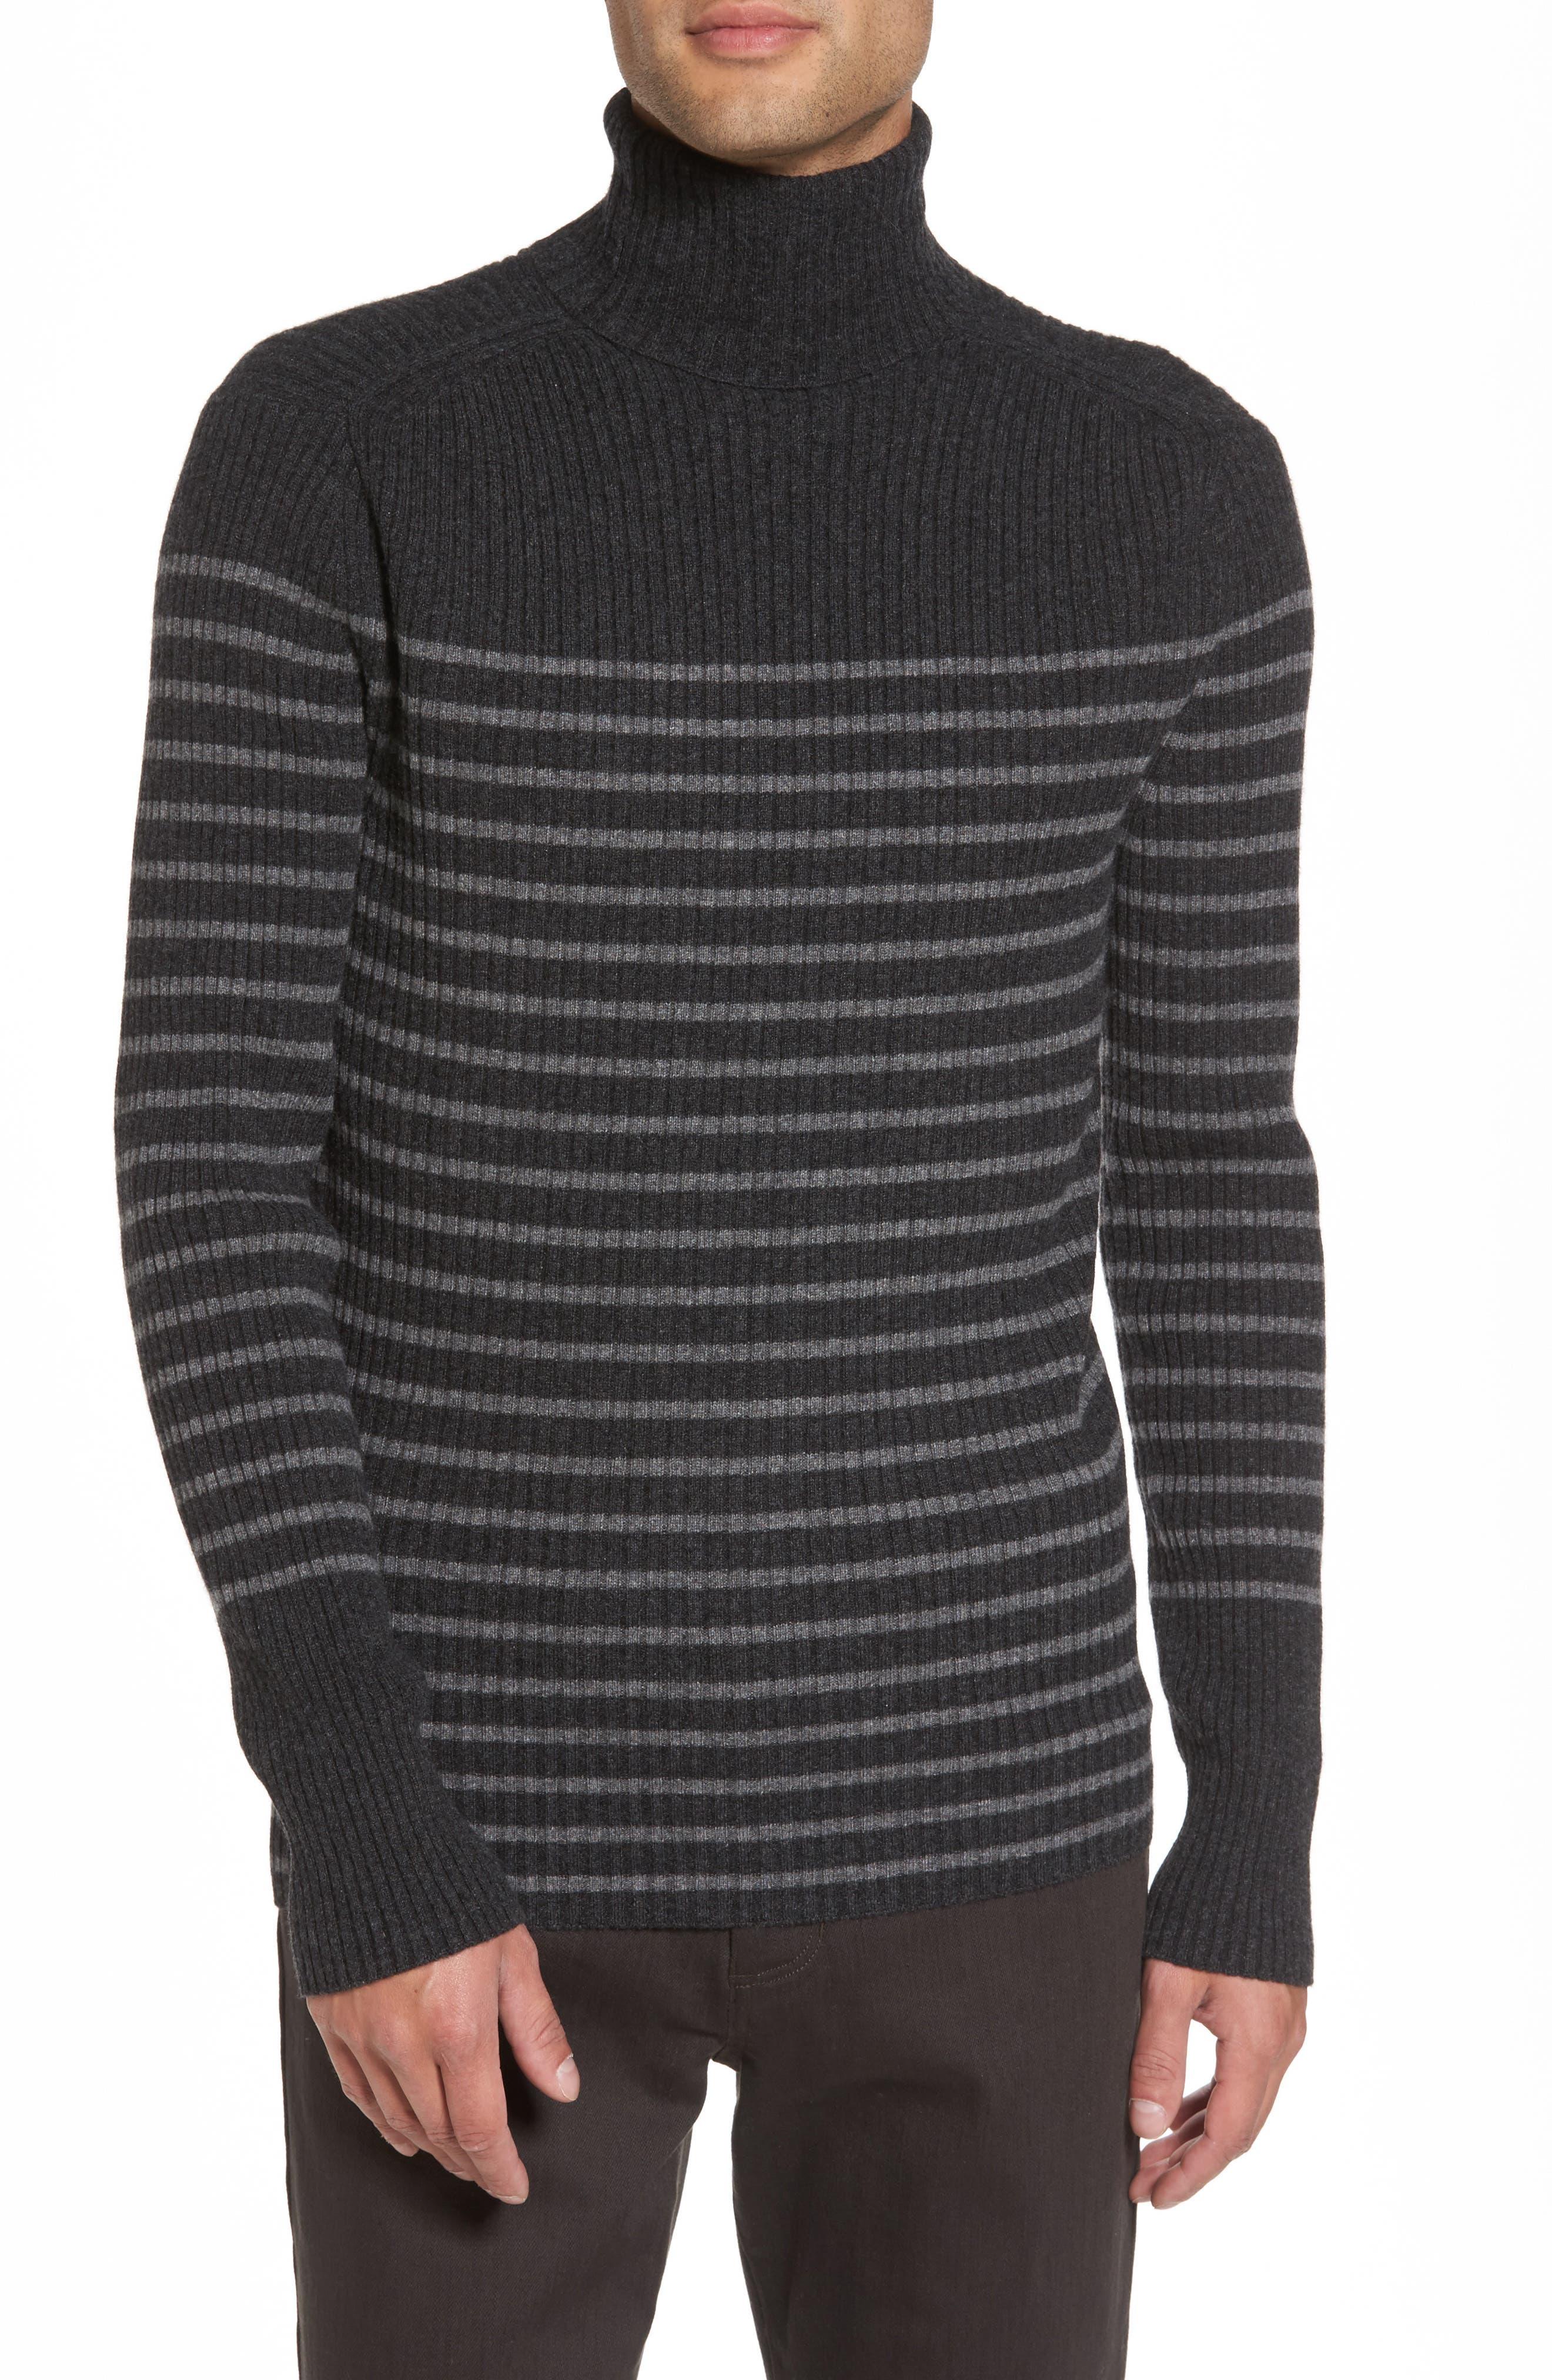 Alternate Image 1 Selected - Vince Regular Fit Breton Stripe Cashmere Turtleneck Sweater